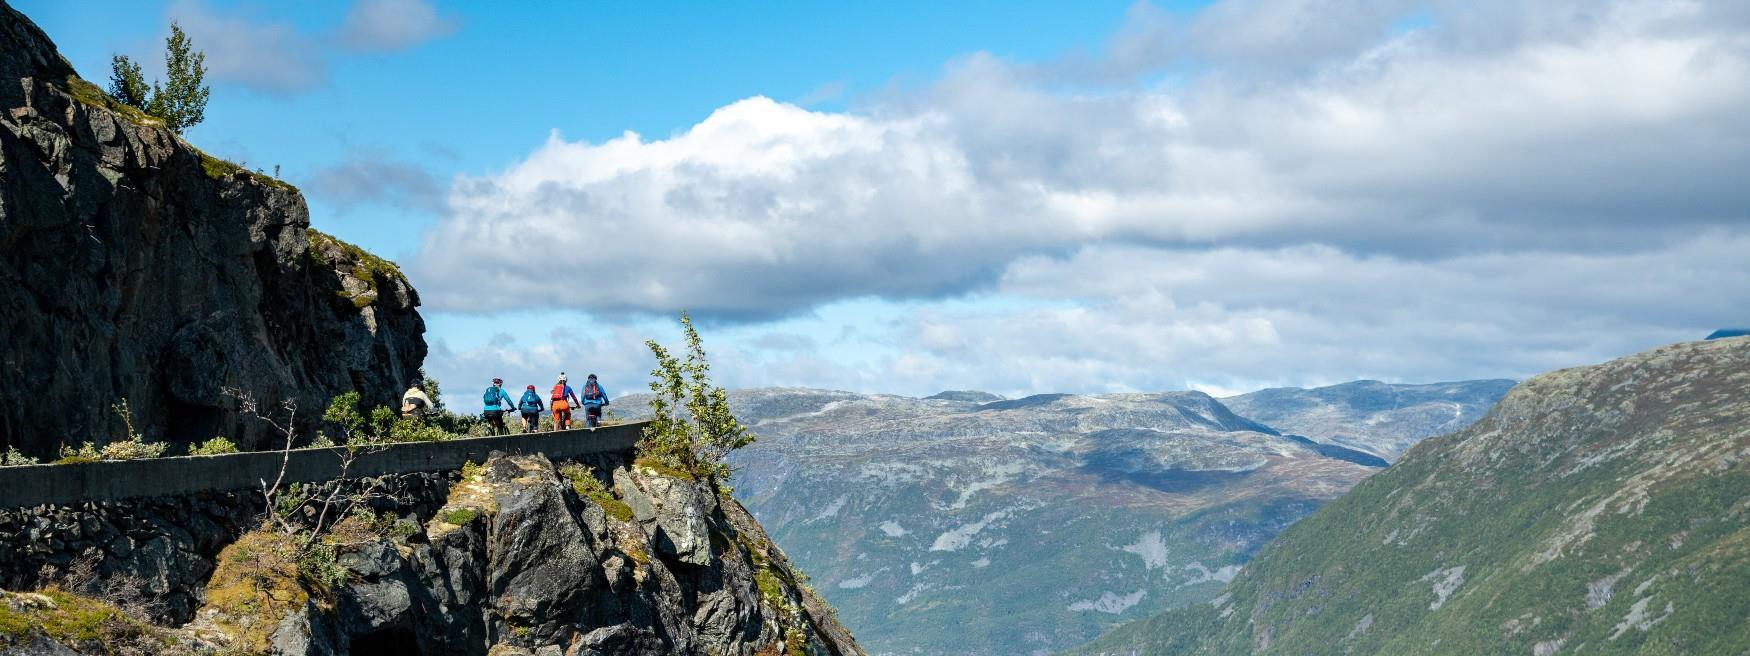 1000 meteren, Årdal © Falkeblikk AS